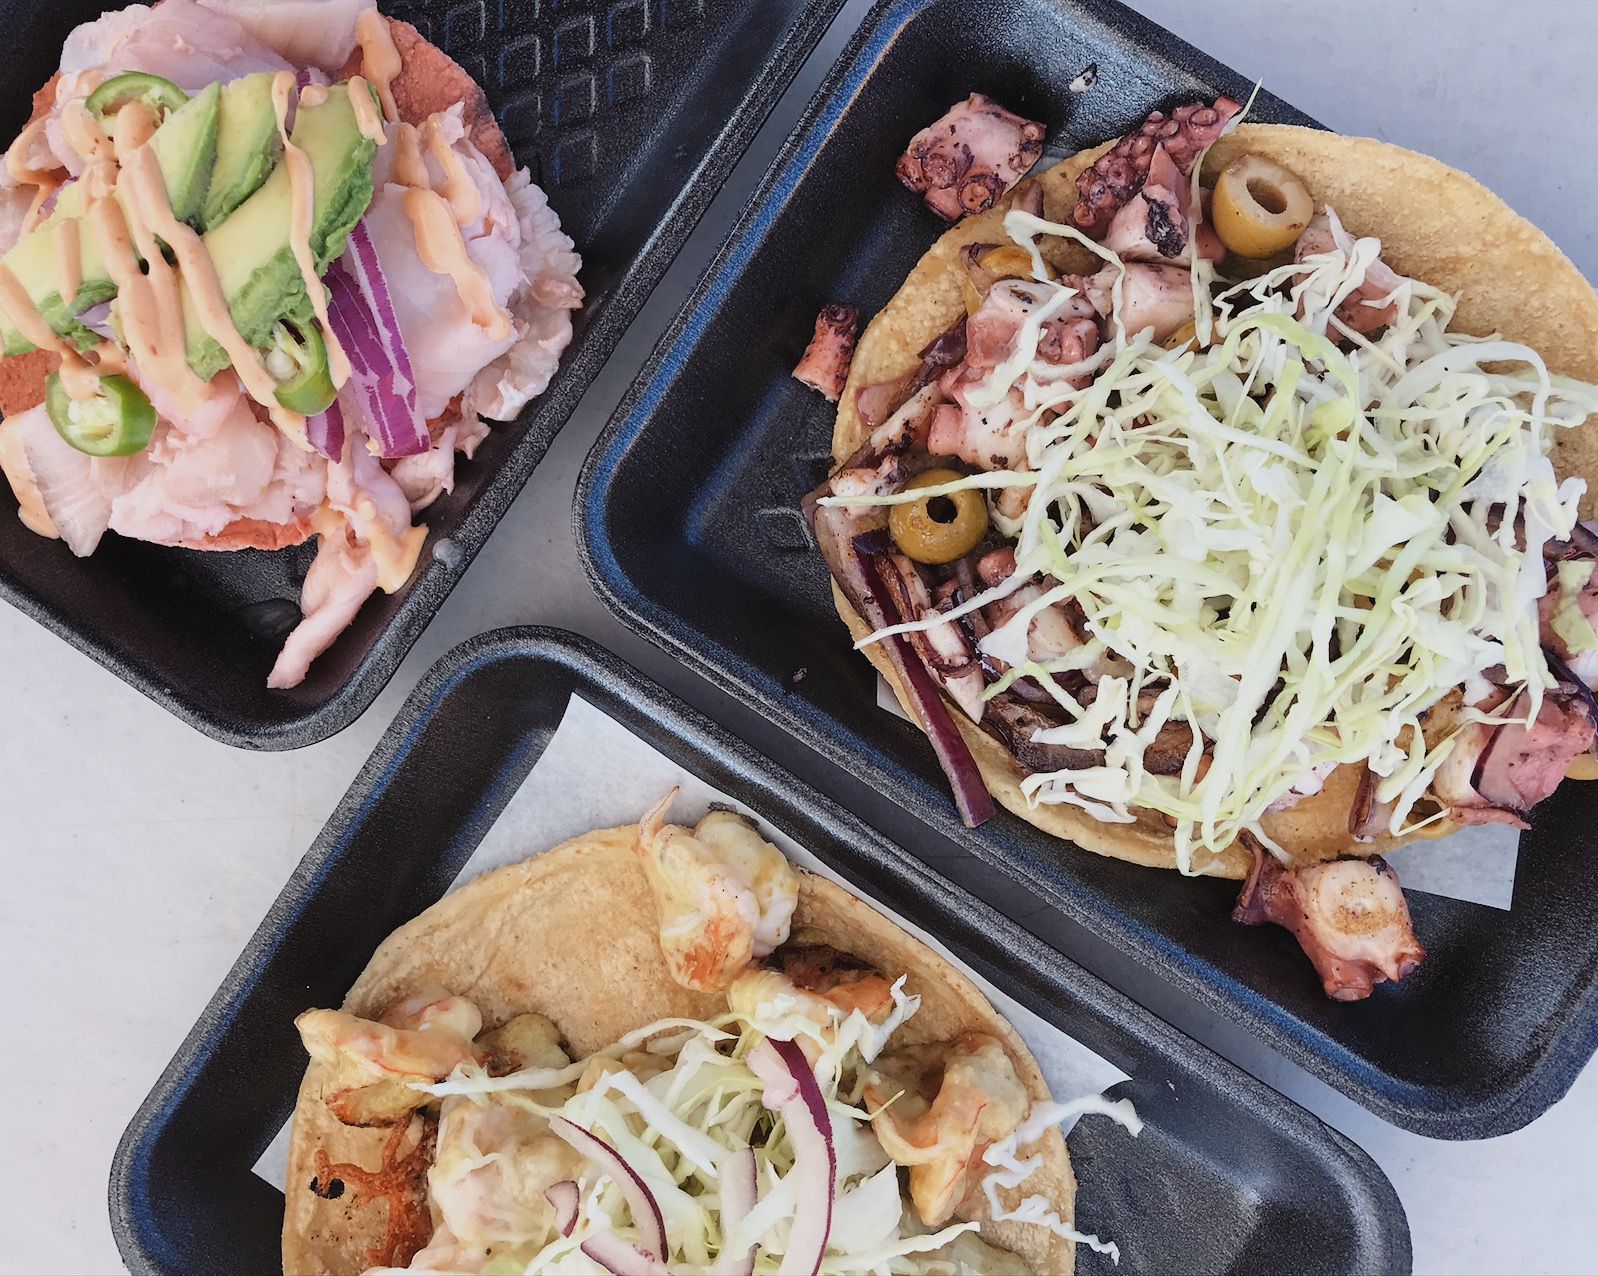 Tacos and tostadas| ©Life & Food